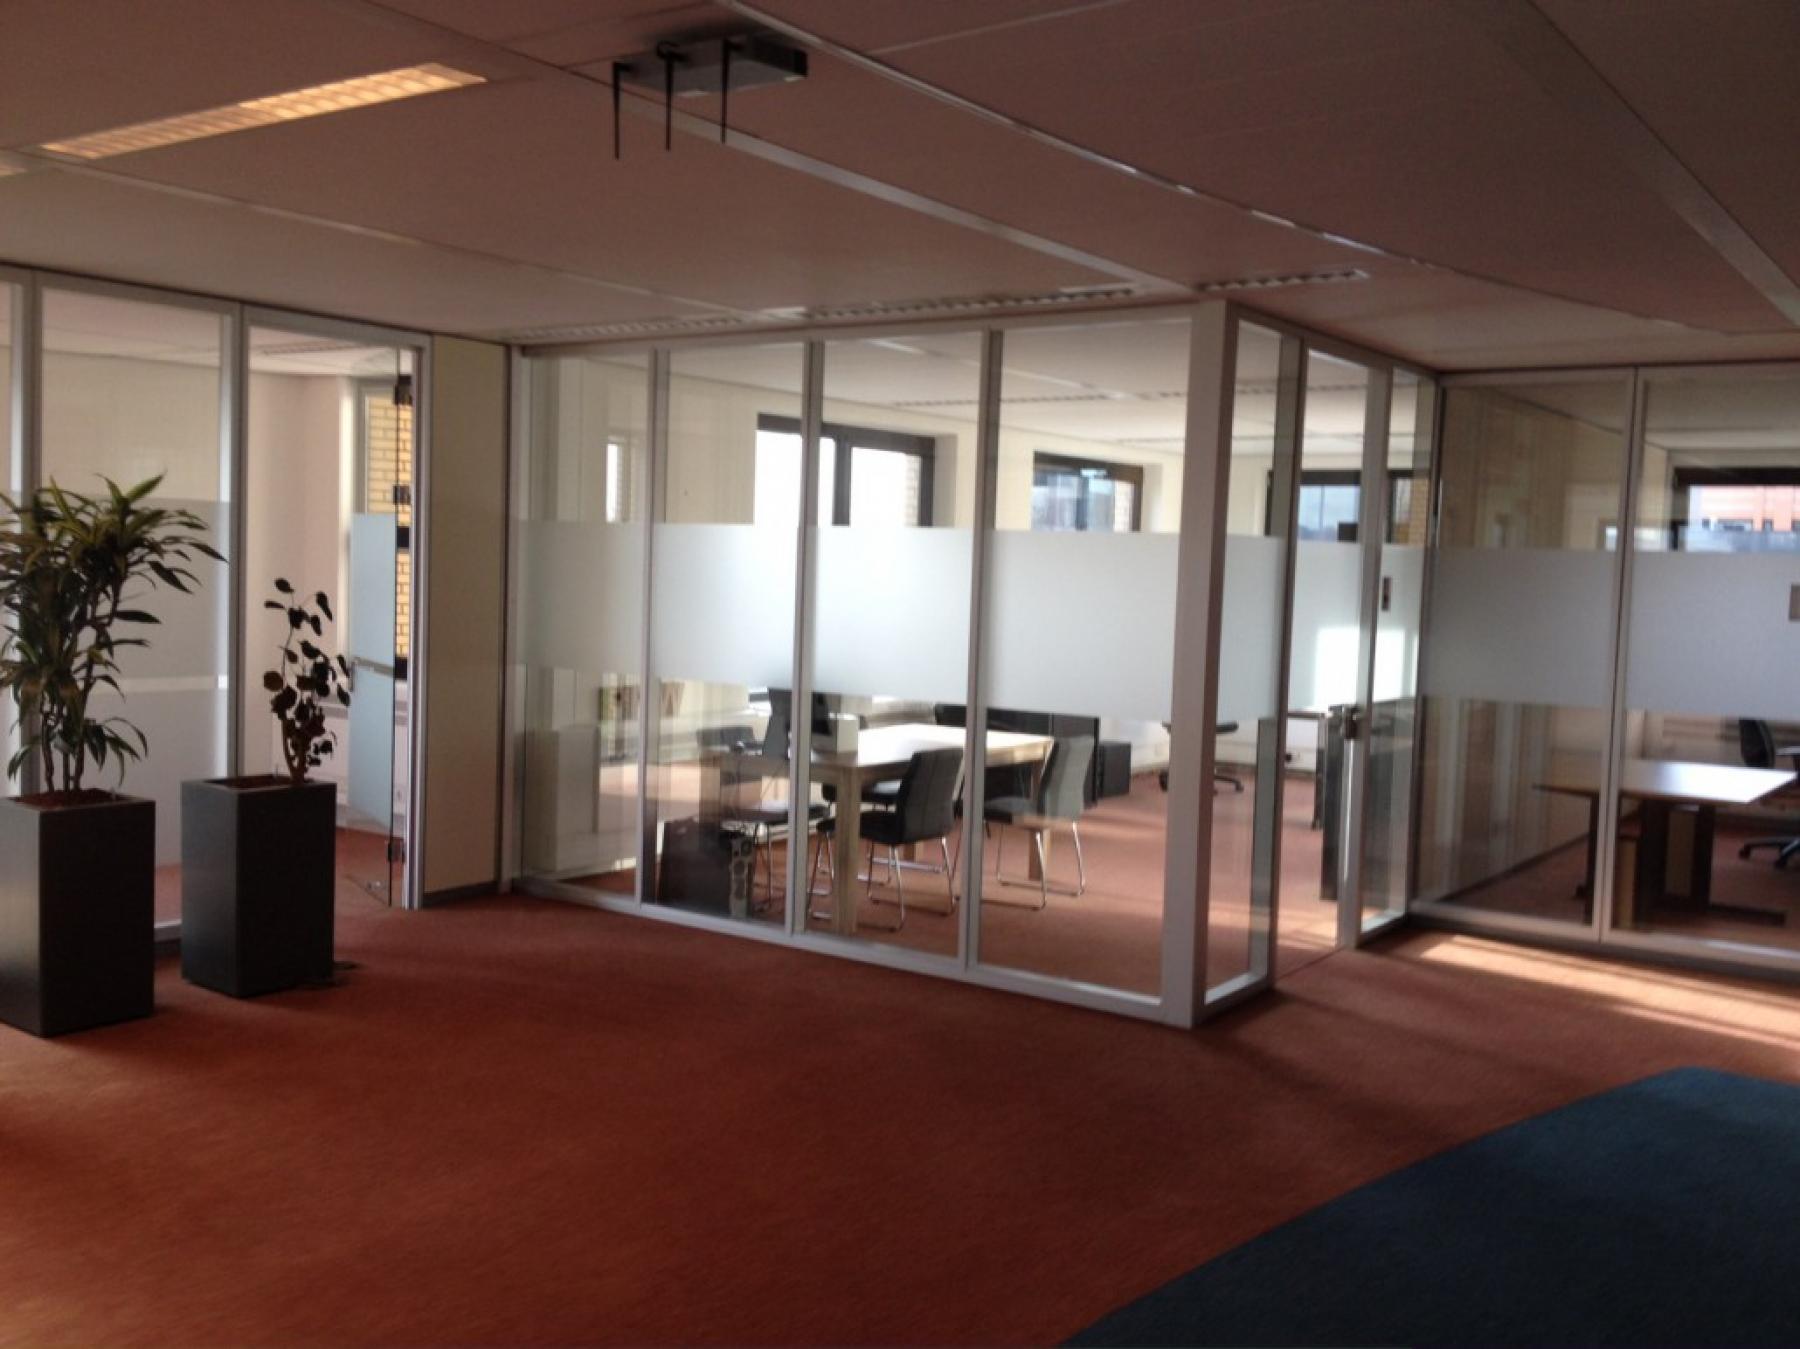 kantoor kantoorruimte ZZP woerden 1030x772